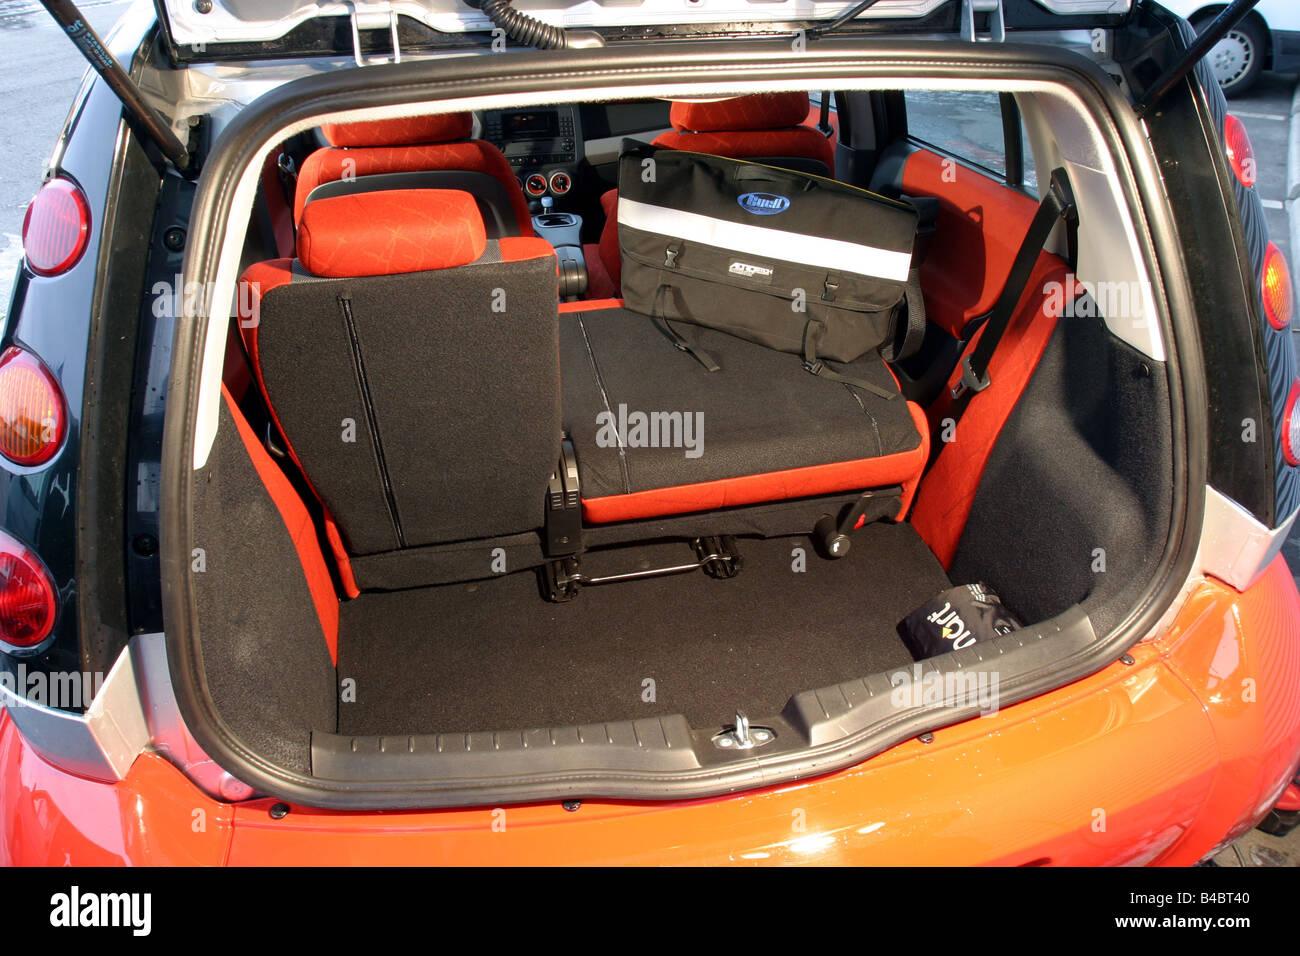 Modelljahr 2004-Limousine, Rot-Silber, Blick ins Boot, Technik ...